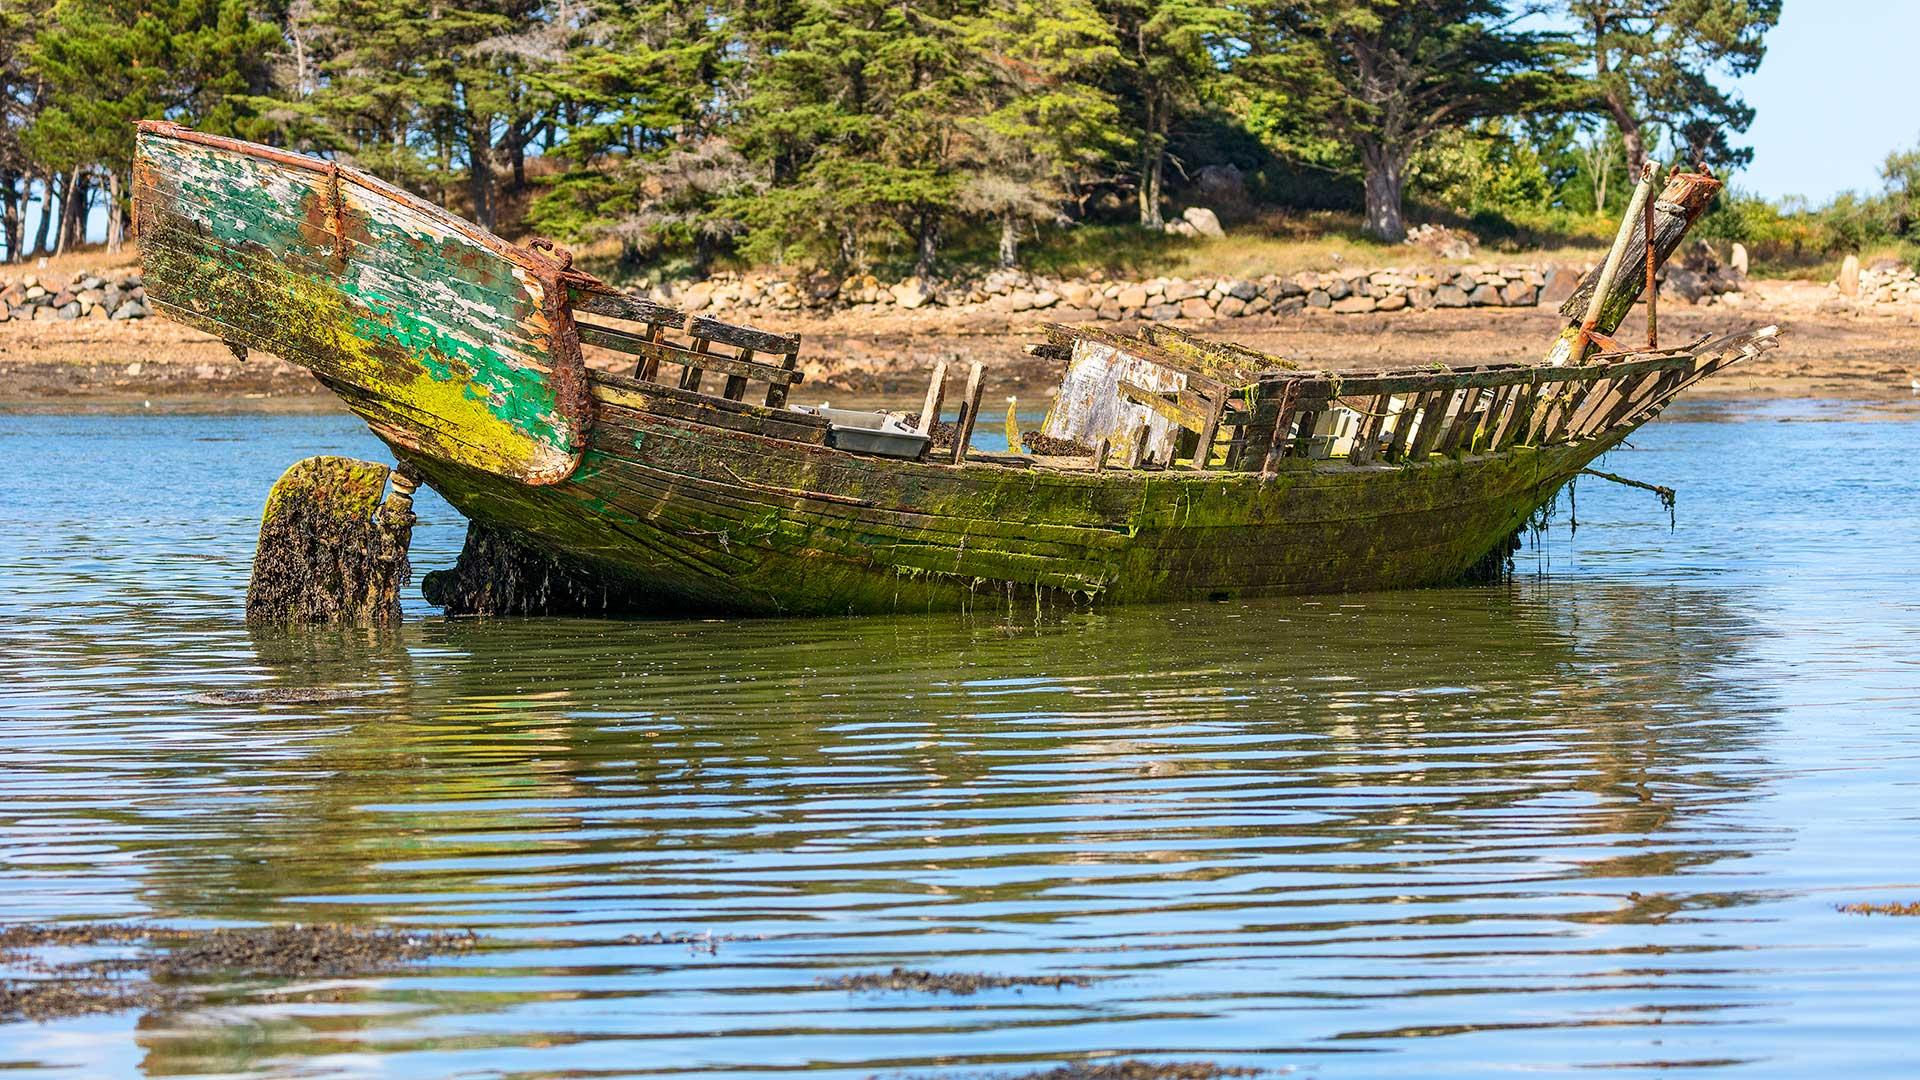 Landschaftsfotografie: Bretagne – Schiffswrack | Foto: Dieter Eikenberg, imprints